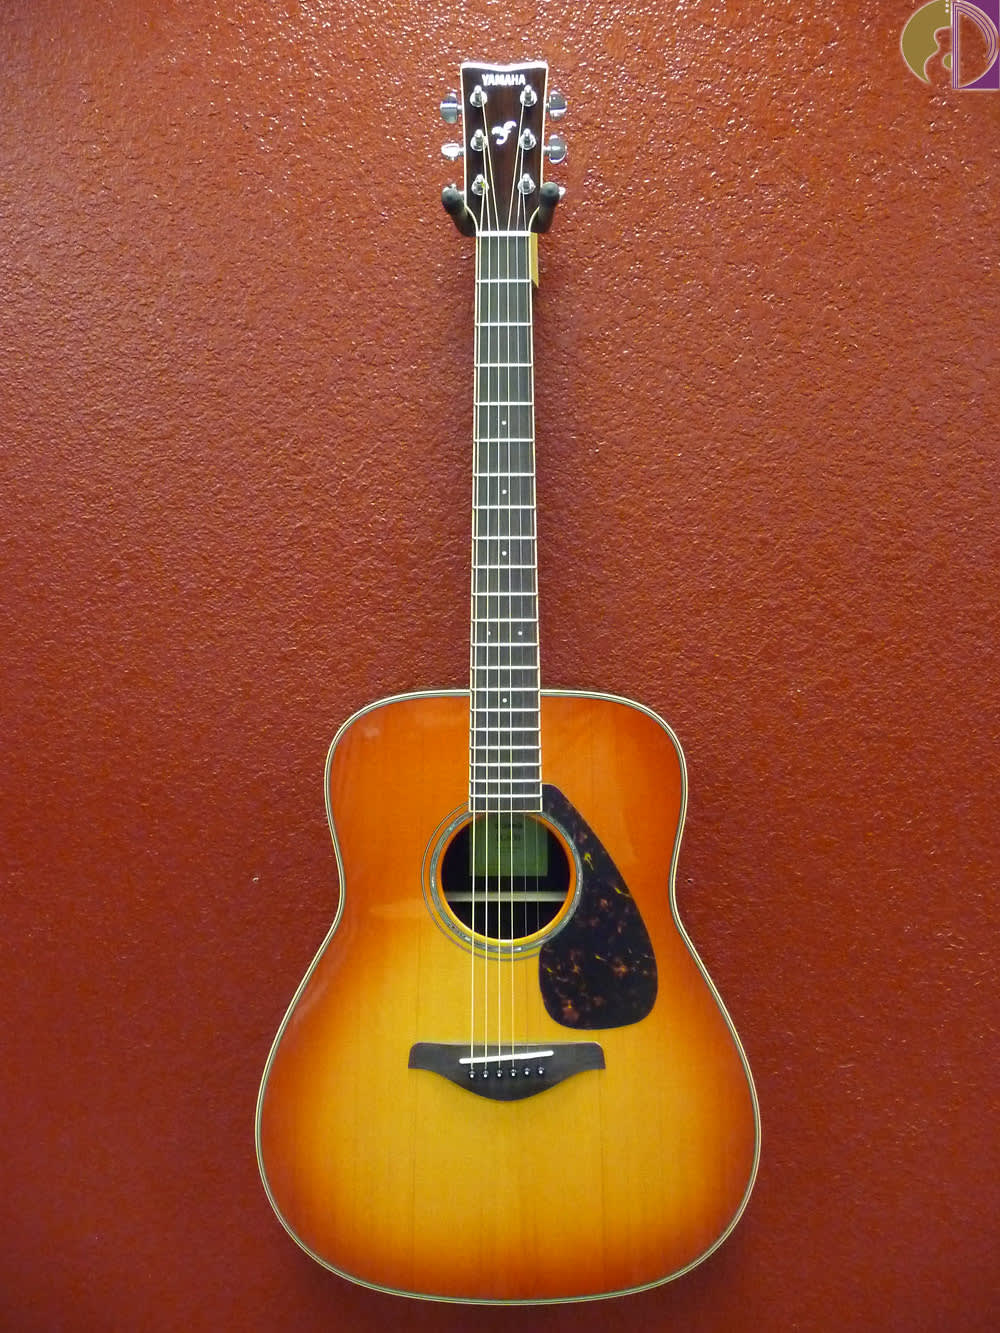 Yamaha fg830 dreadnought acoustic guitar autumn burst for Yamaha fg830 specs